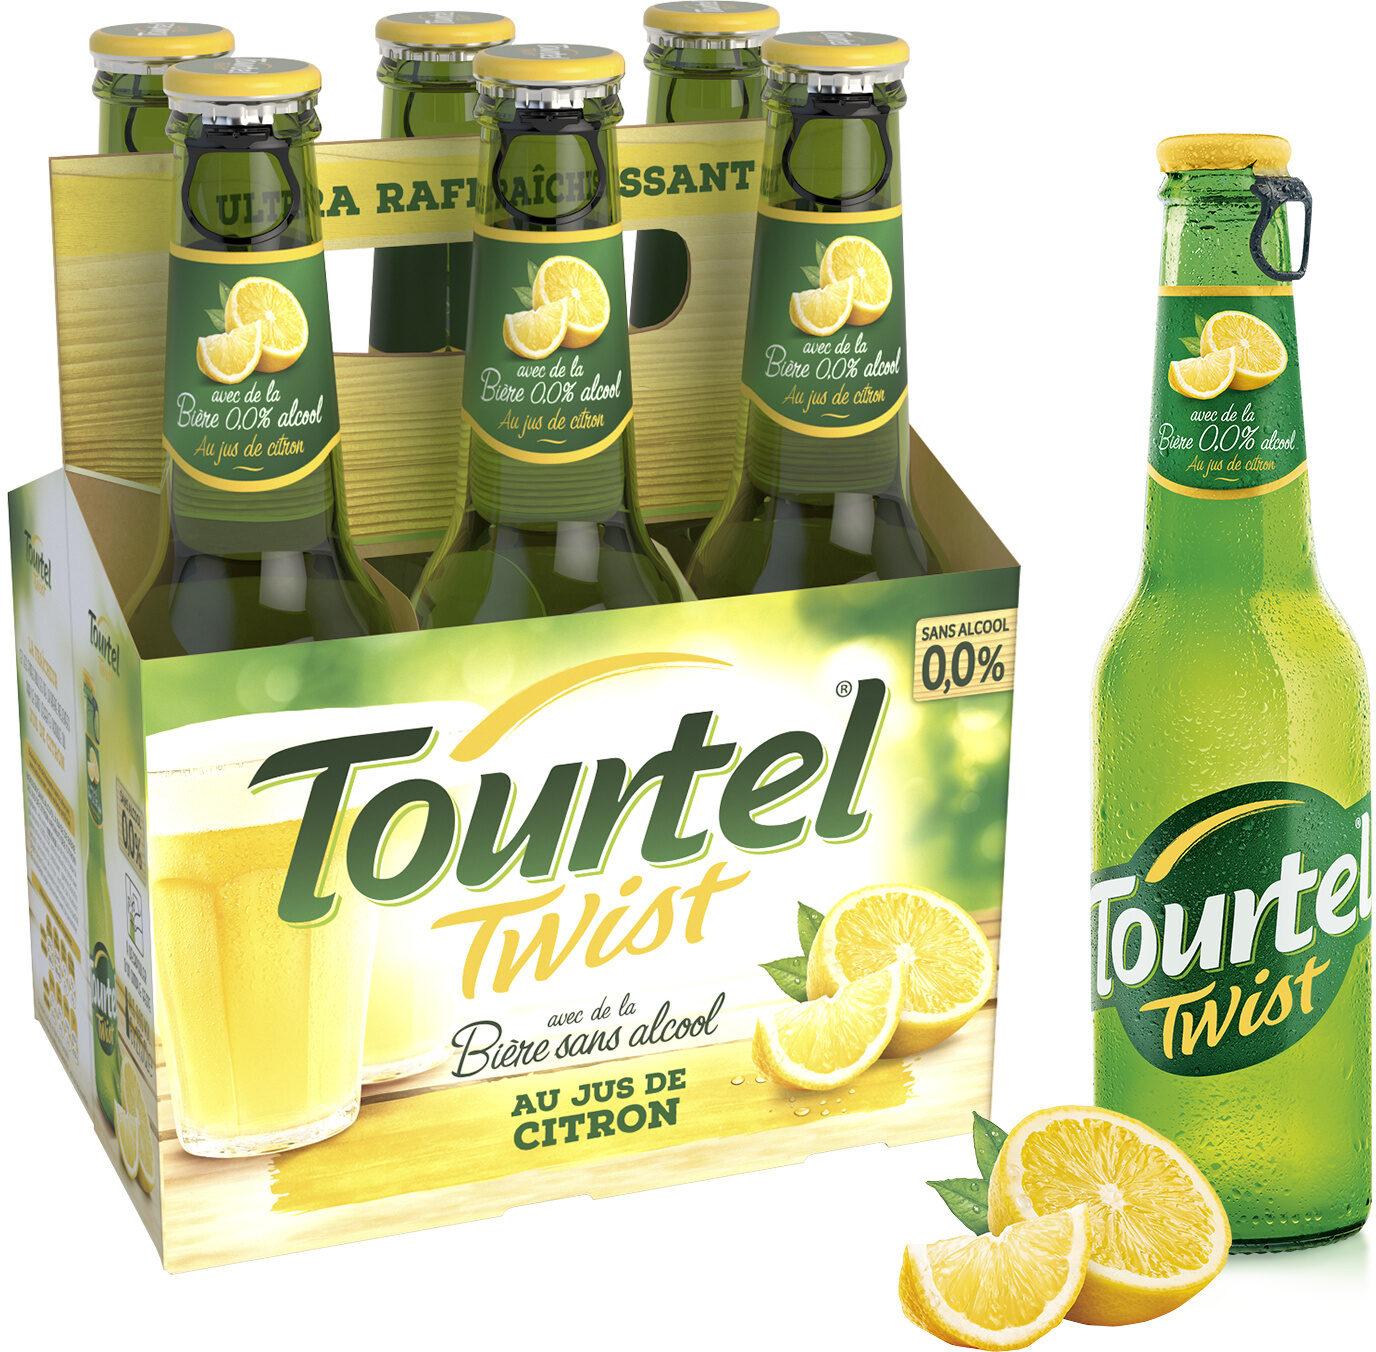 Bière Sans Alcool CITRON 0,0% - Prodotto - fr